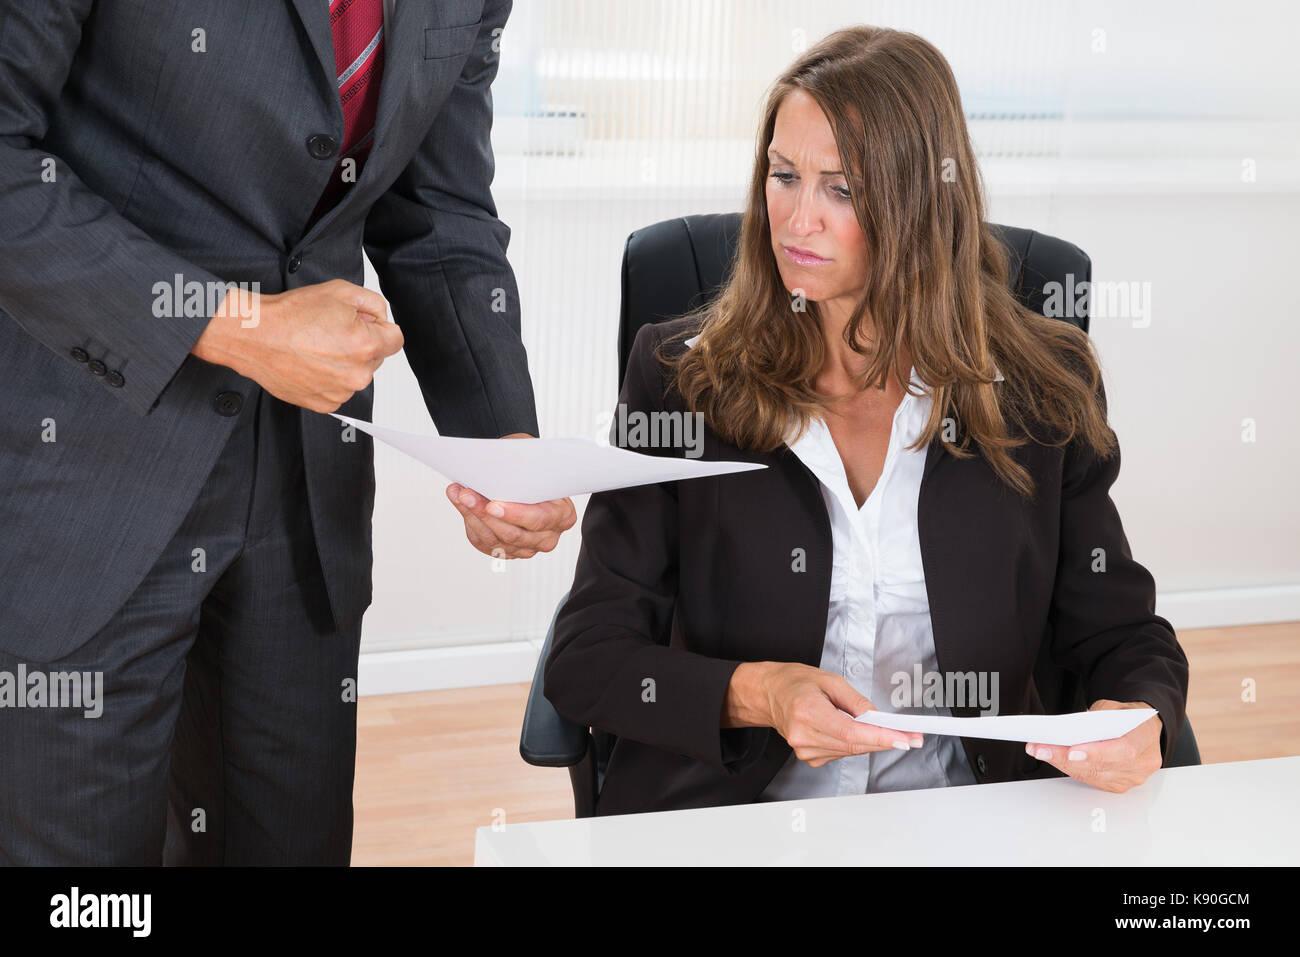 Nahaufnahme der Geschäftsmann Übersicht Dokument zu weiblichen Angestellten im Büro Stockbild